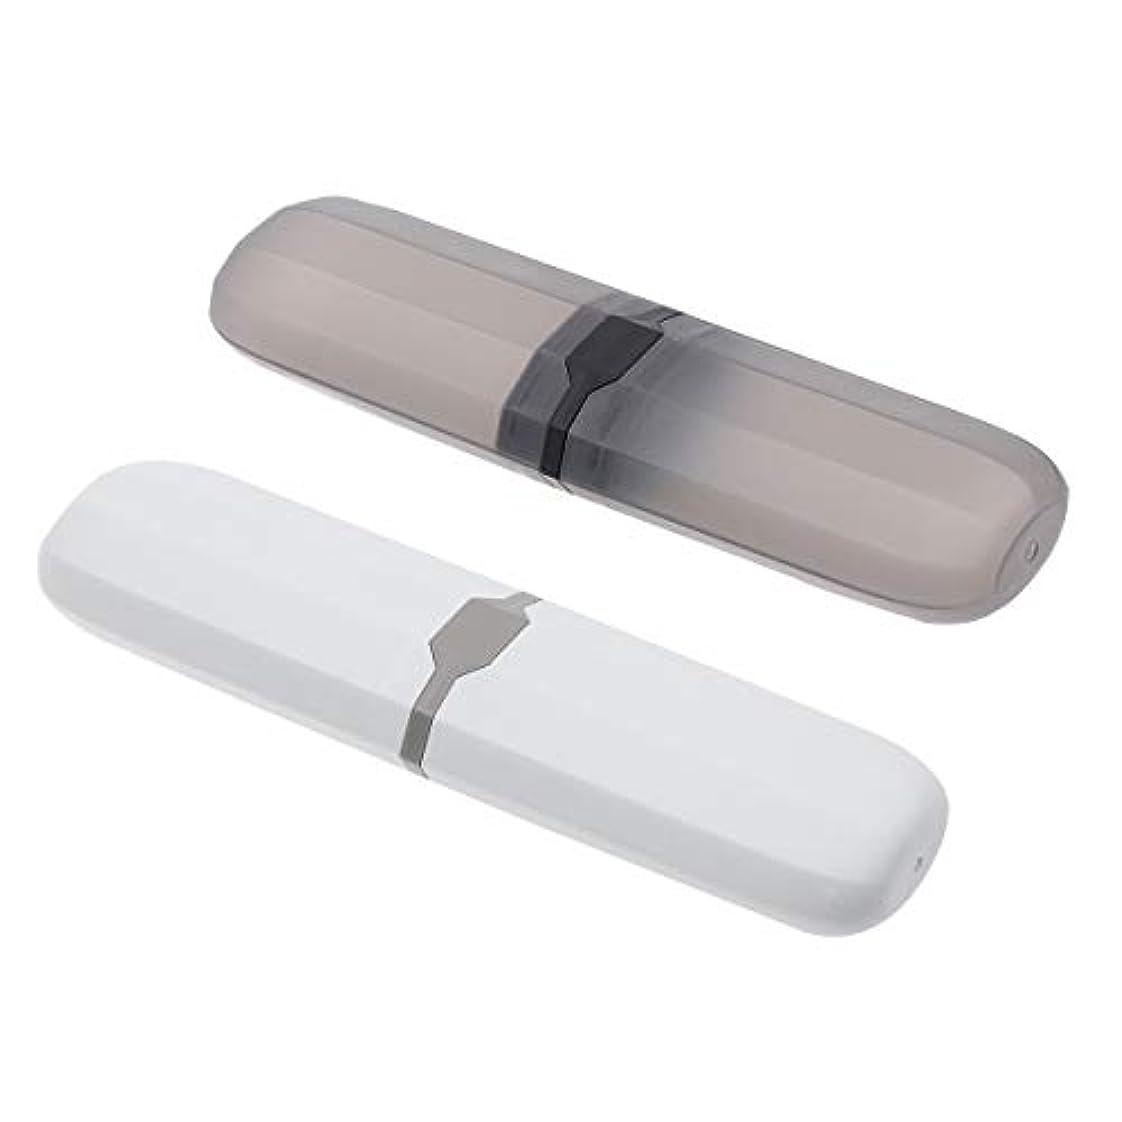 足枷のぞき穴に話すHealifty 歯ブラシカバー屋外2ピース(黒と青)のポータブル歯ブラシケース